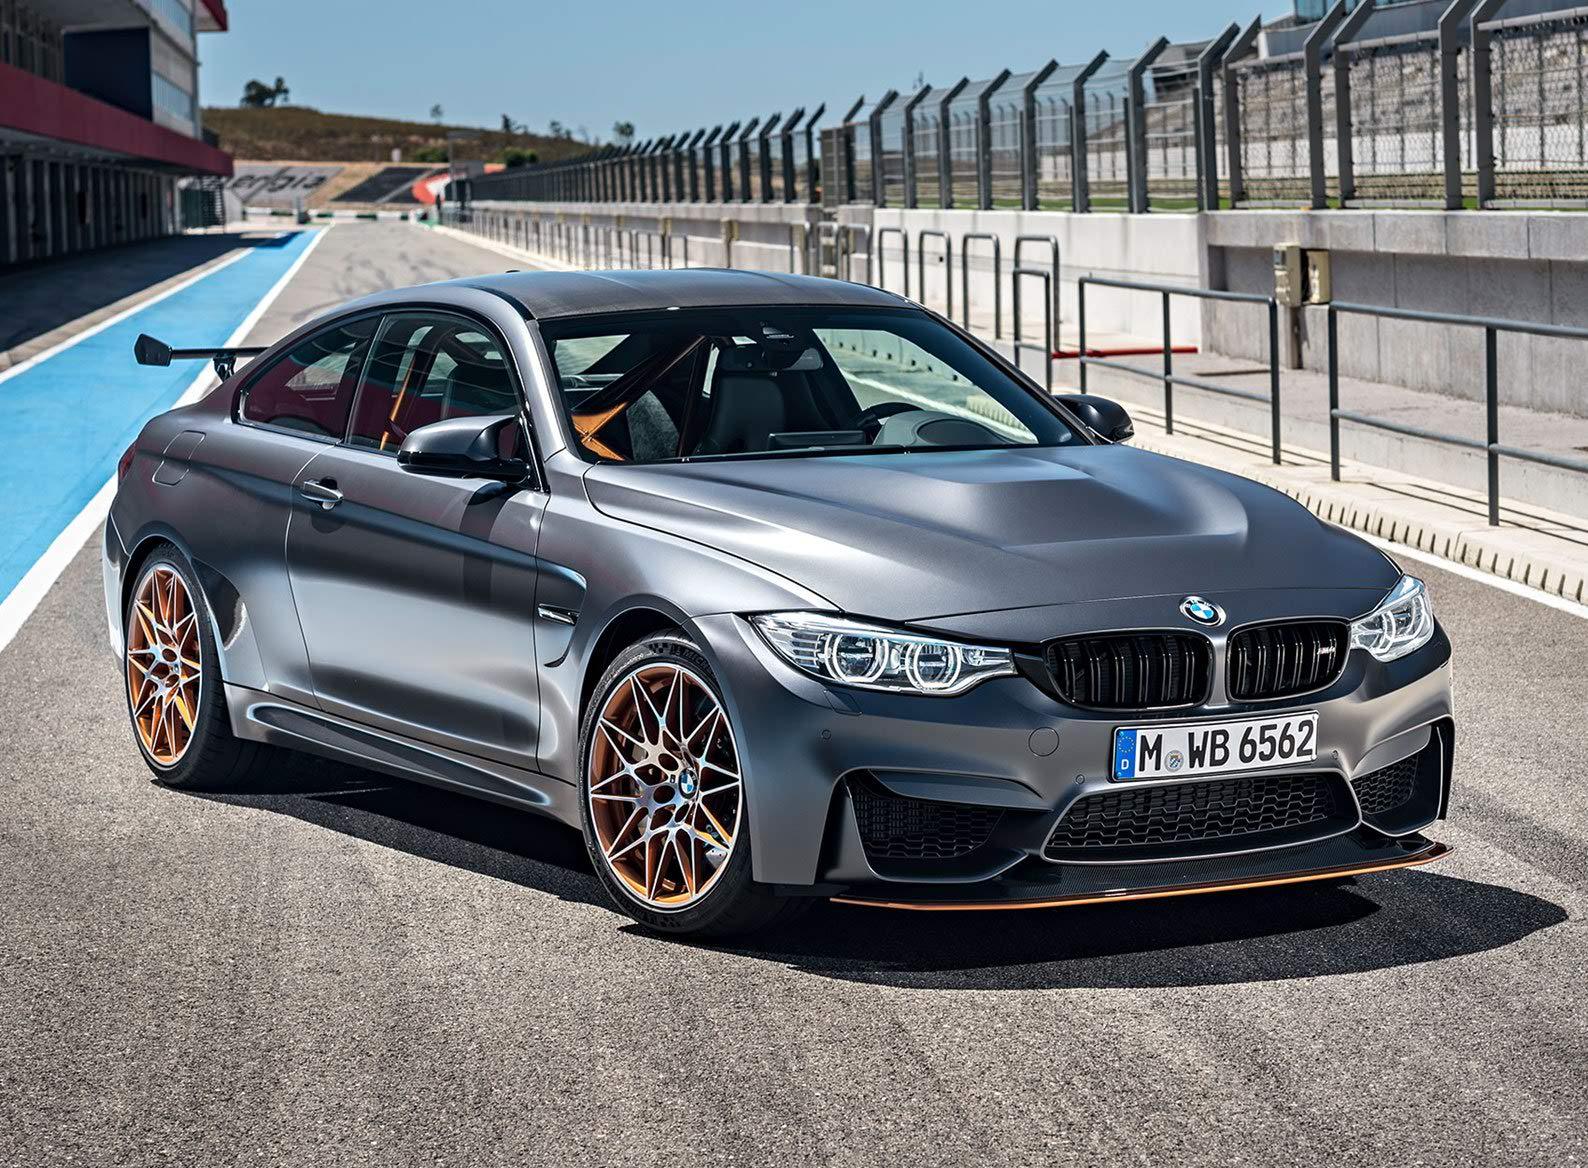 Grey BMW M4